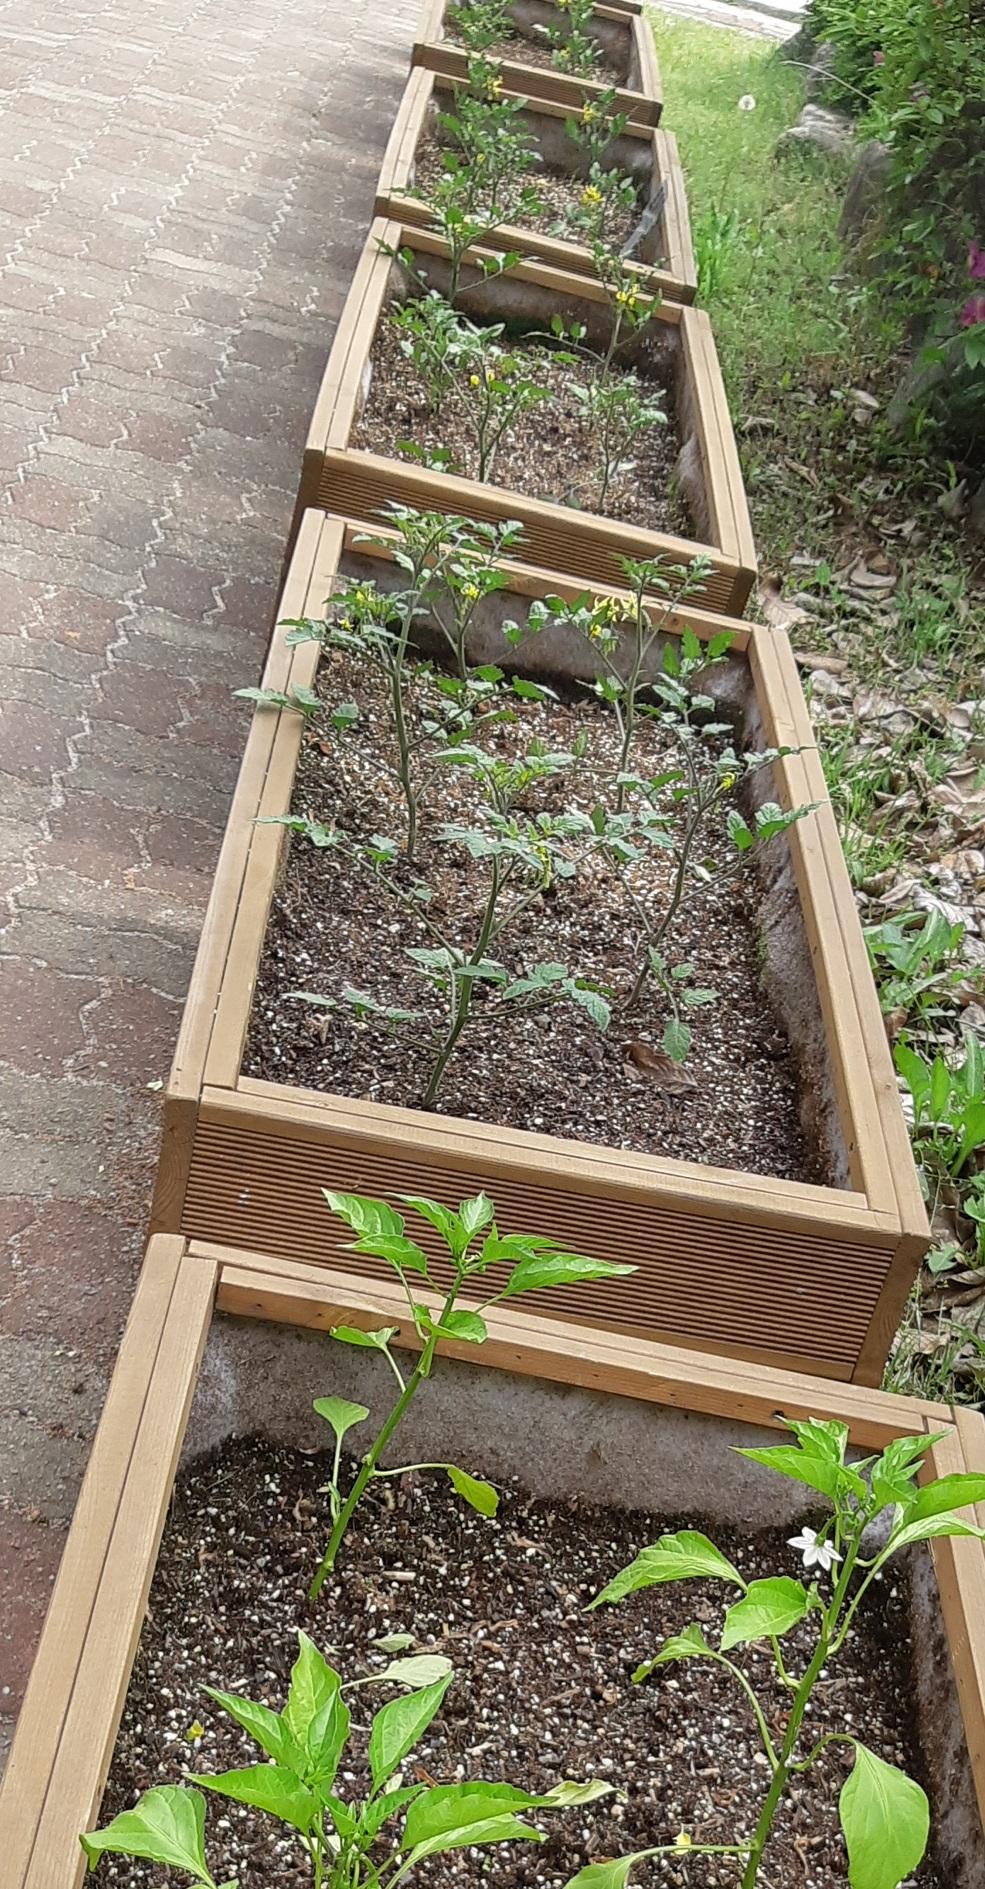 [일반] 재배 및 관찰 식물 의 첨부이미지 1